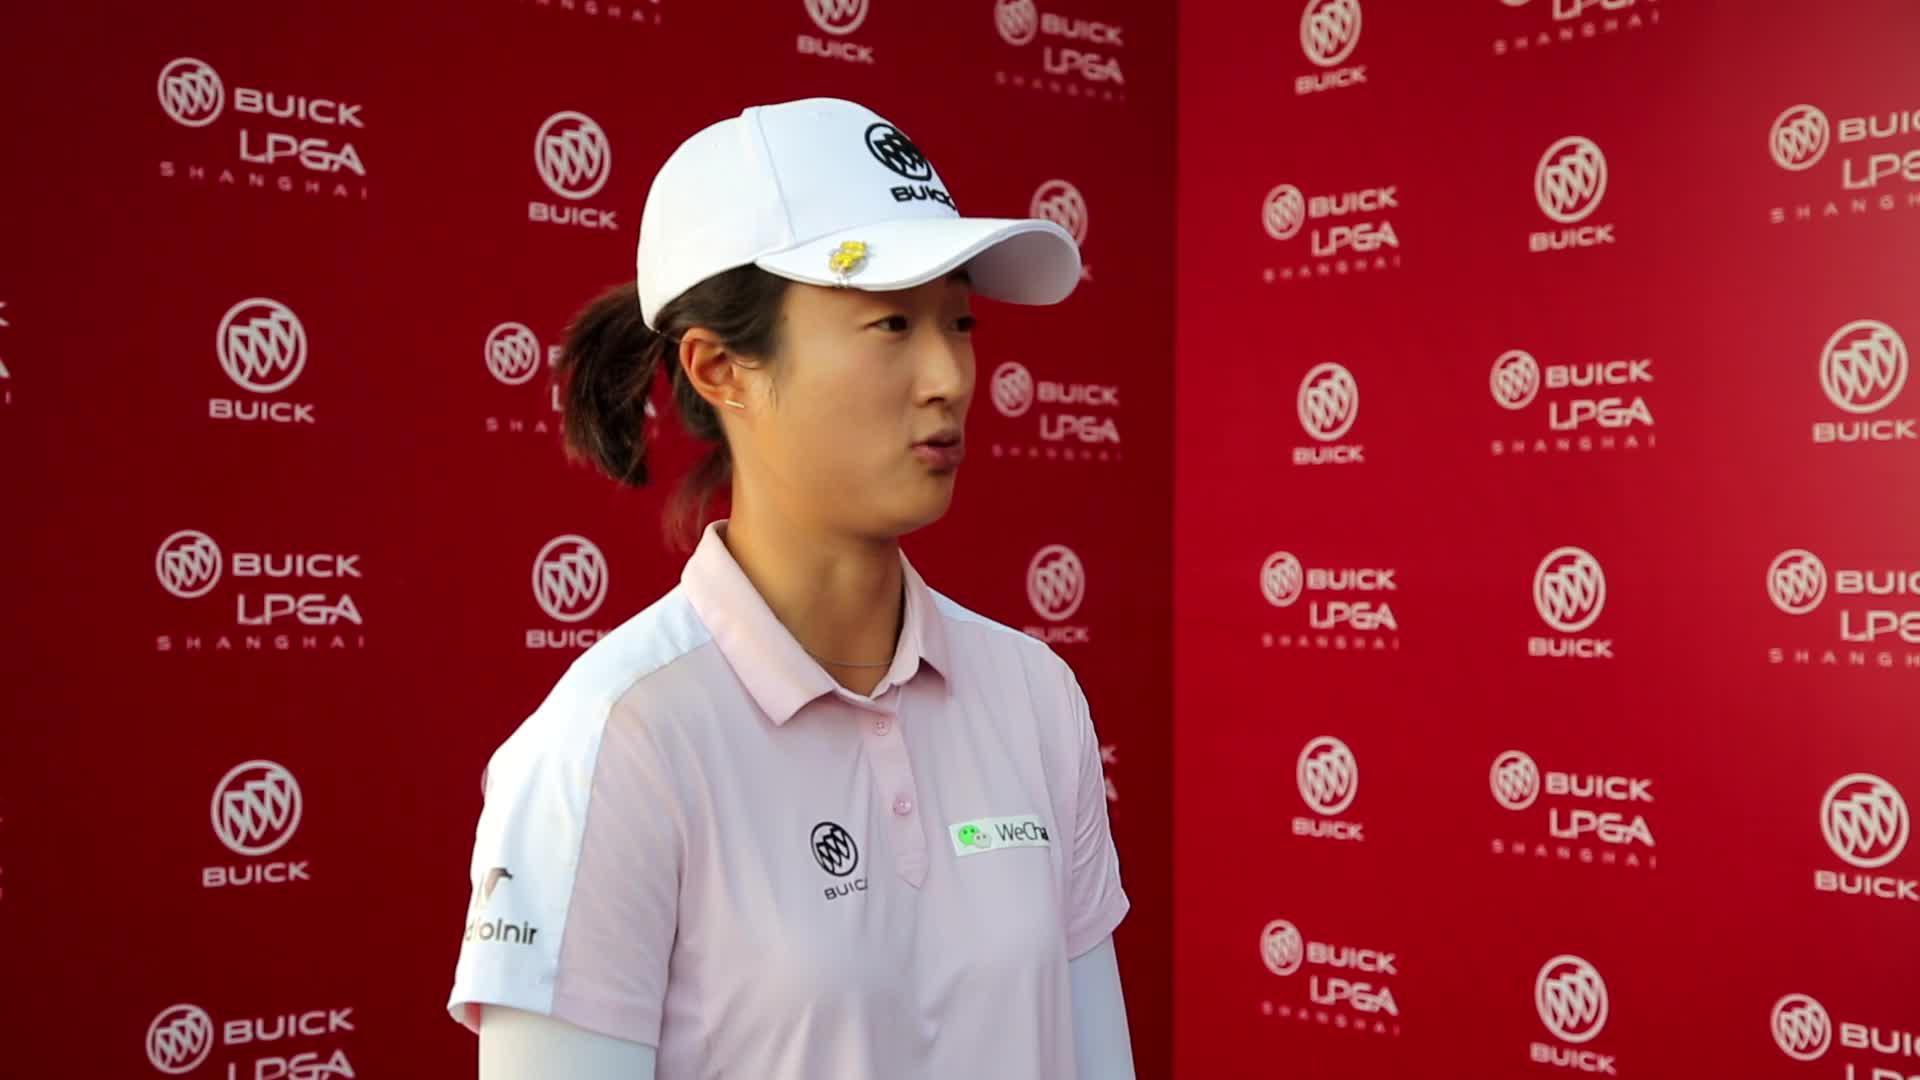 视频-别克LPGA赛刘钰决赛轮65杆T3:结果很满意